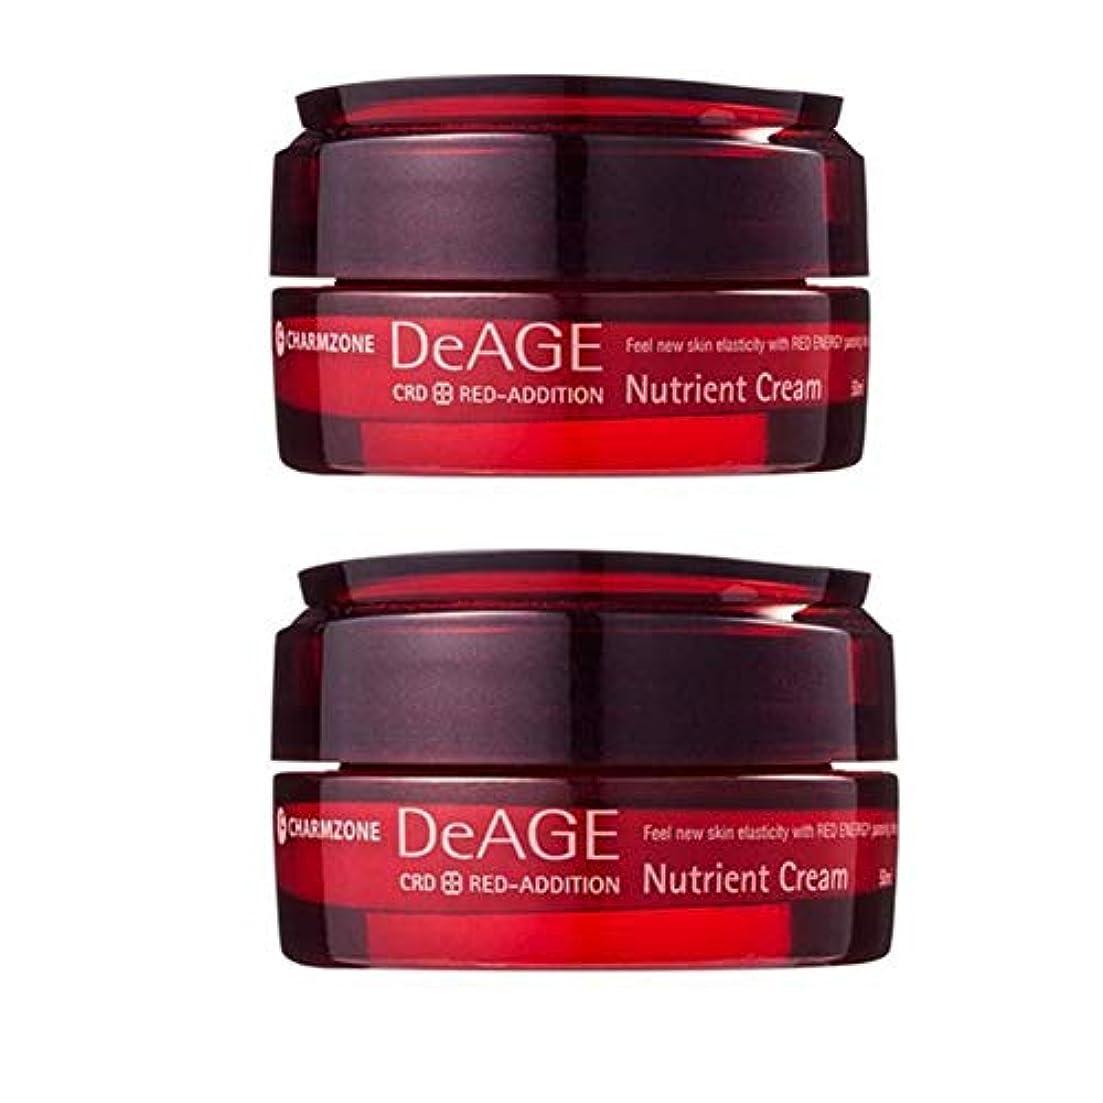 同じブルジョン保証チャムジョンディエイジレッドエディションニュトゥリオントゥクリーム50ml x 2本セット 栄養クリーム, Charmzone DeAGE Red-Addition Nutrient Cream 50ml x 2ea Set...